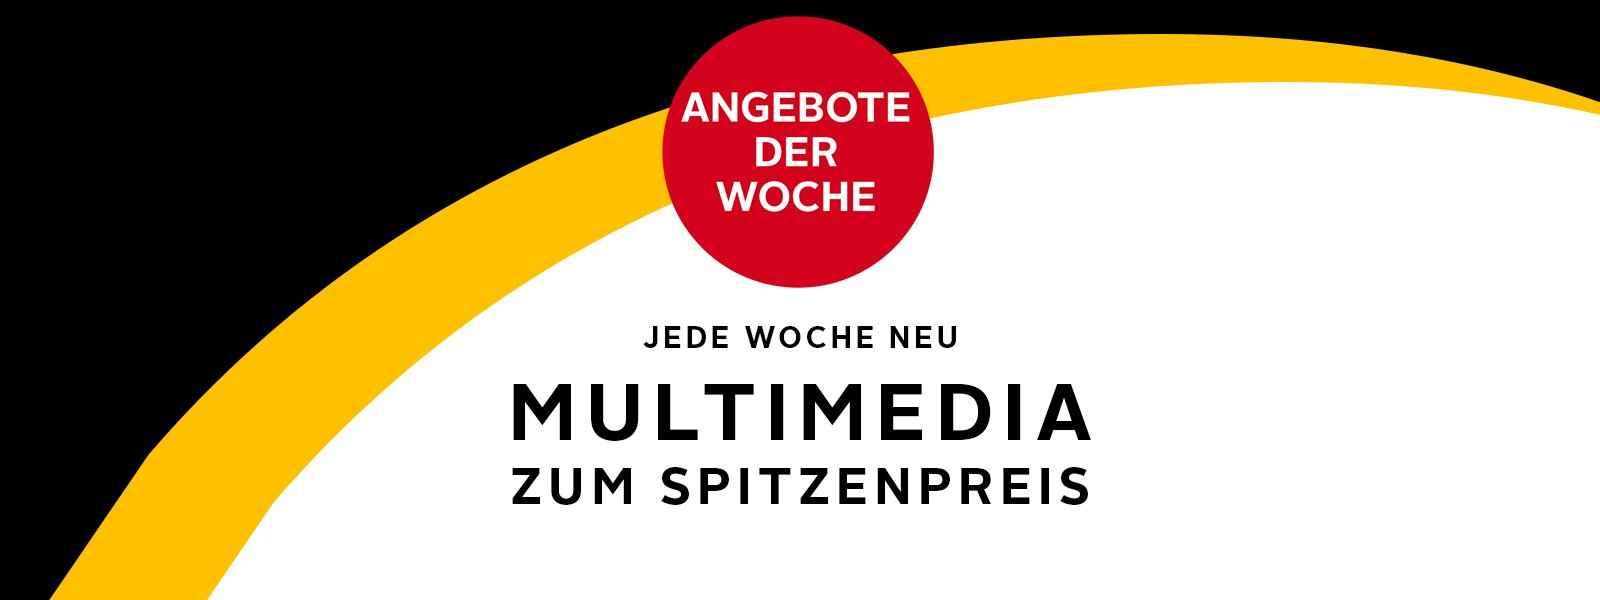 Multimedia Angebote der Woche